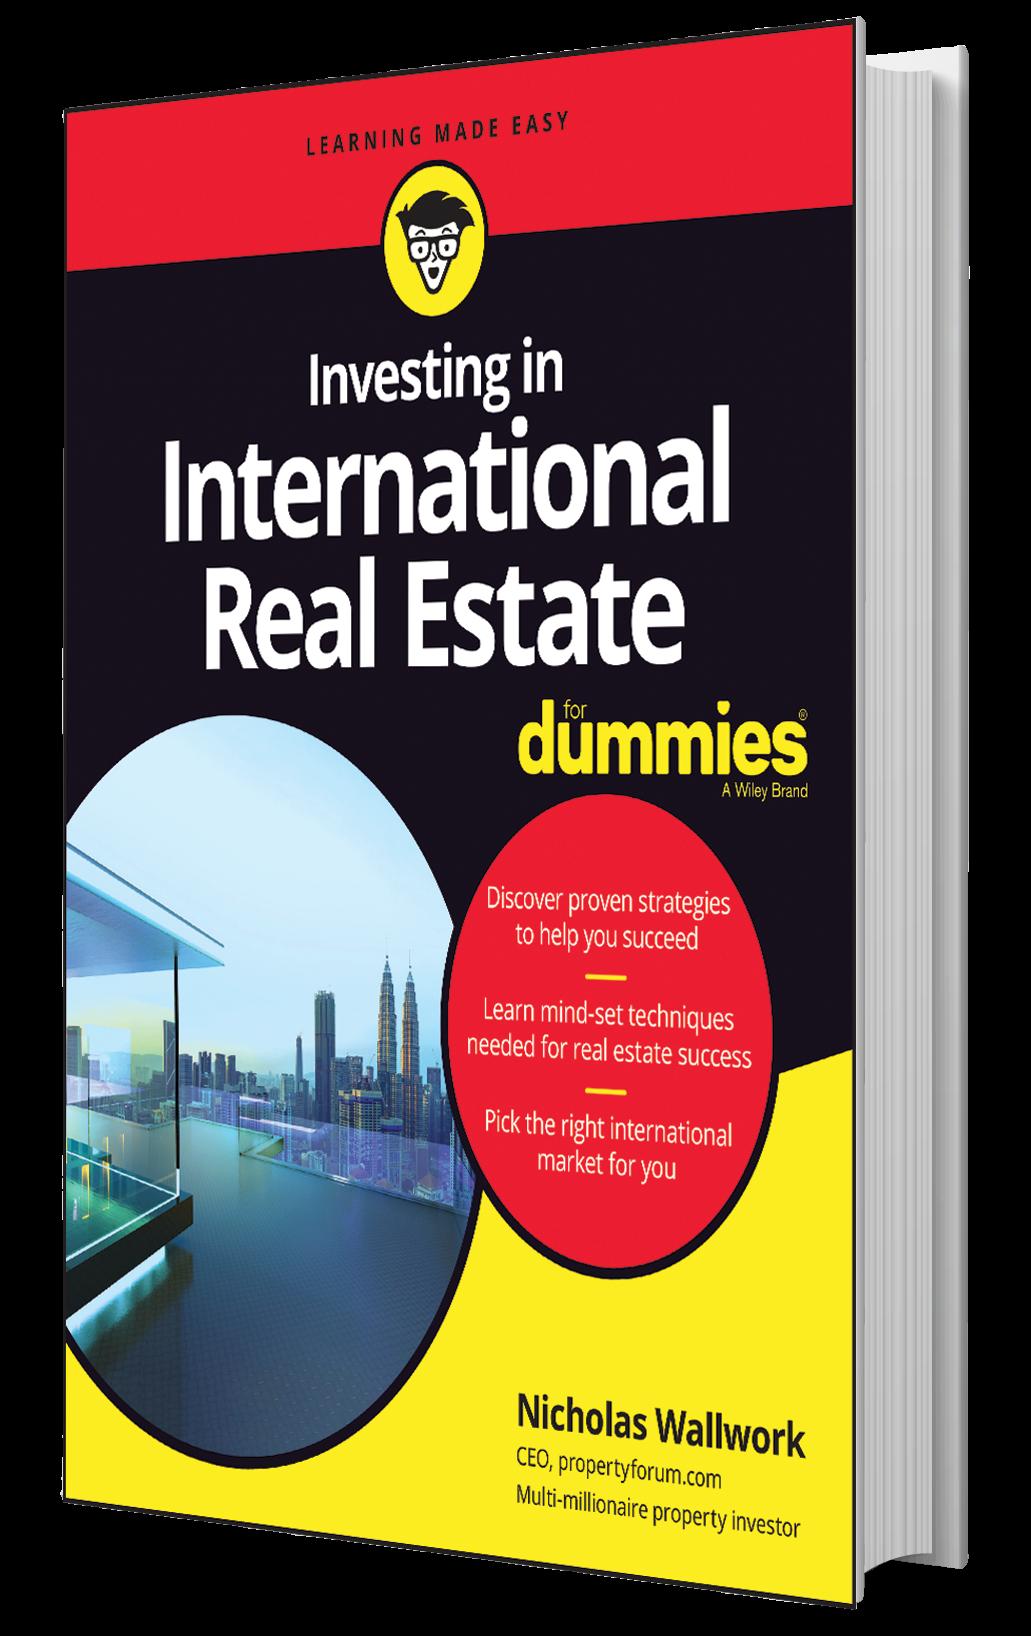 www.propertyforum.com